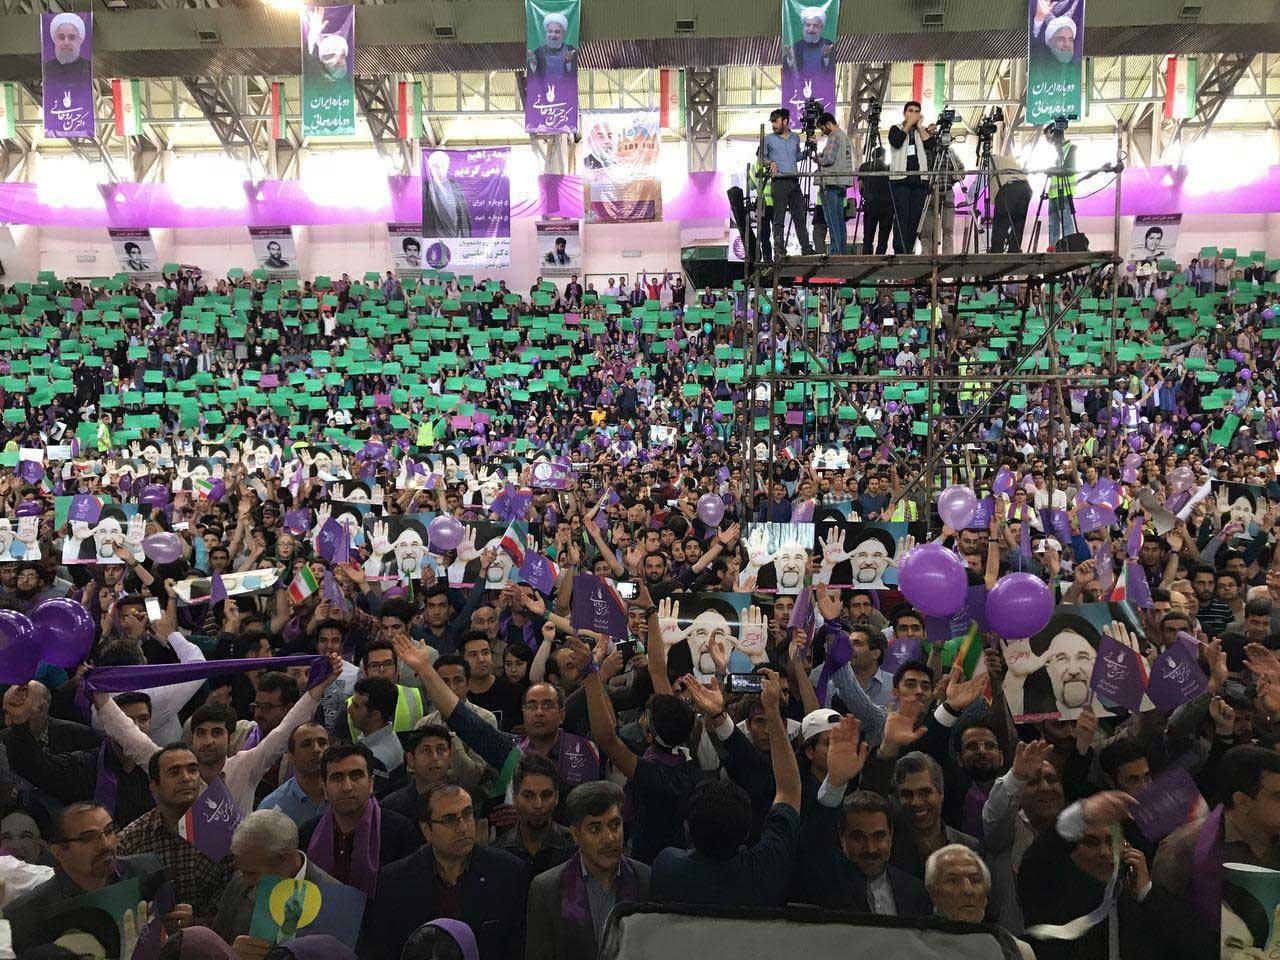 بیانیۀ جمعی از ورزشکاران، مربیان، داوران در حمایت از دکتر حسن روحانی